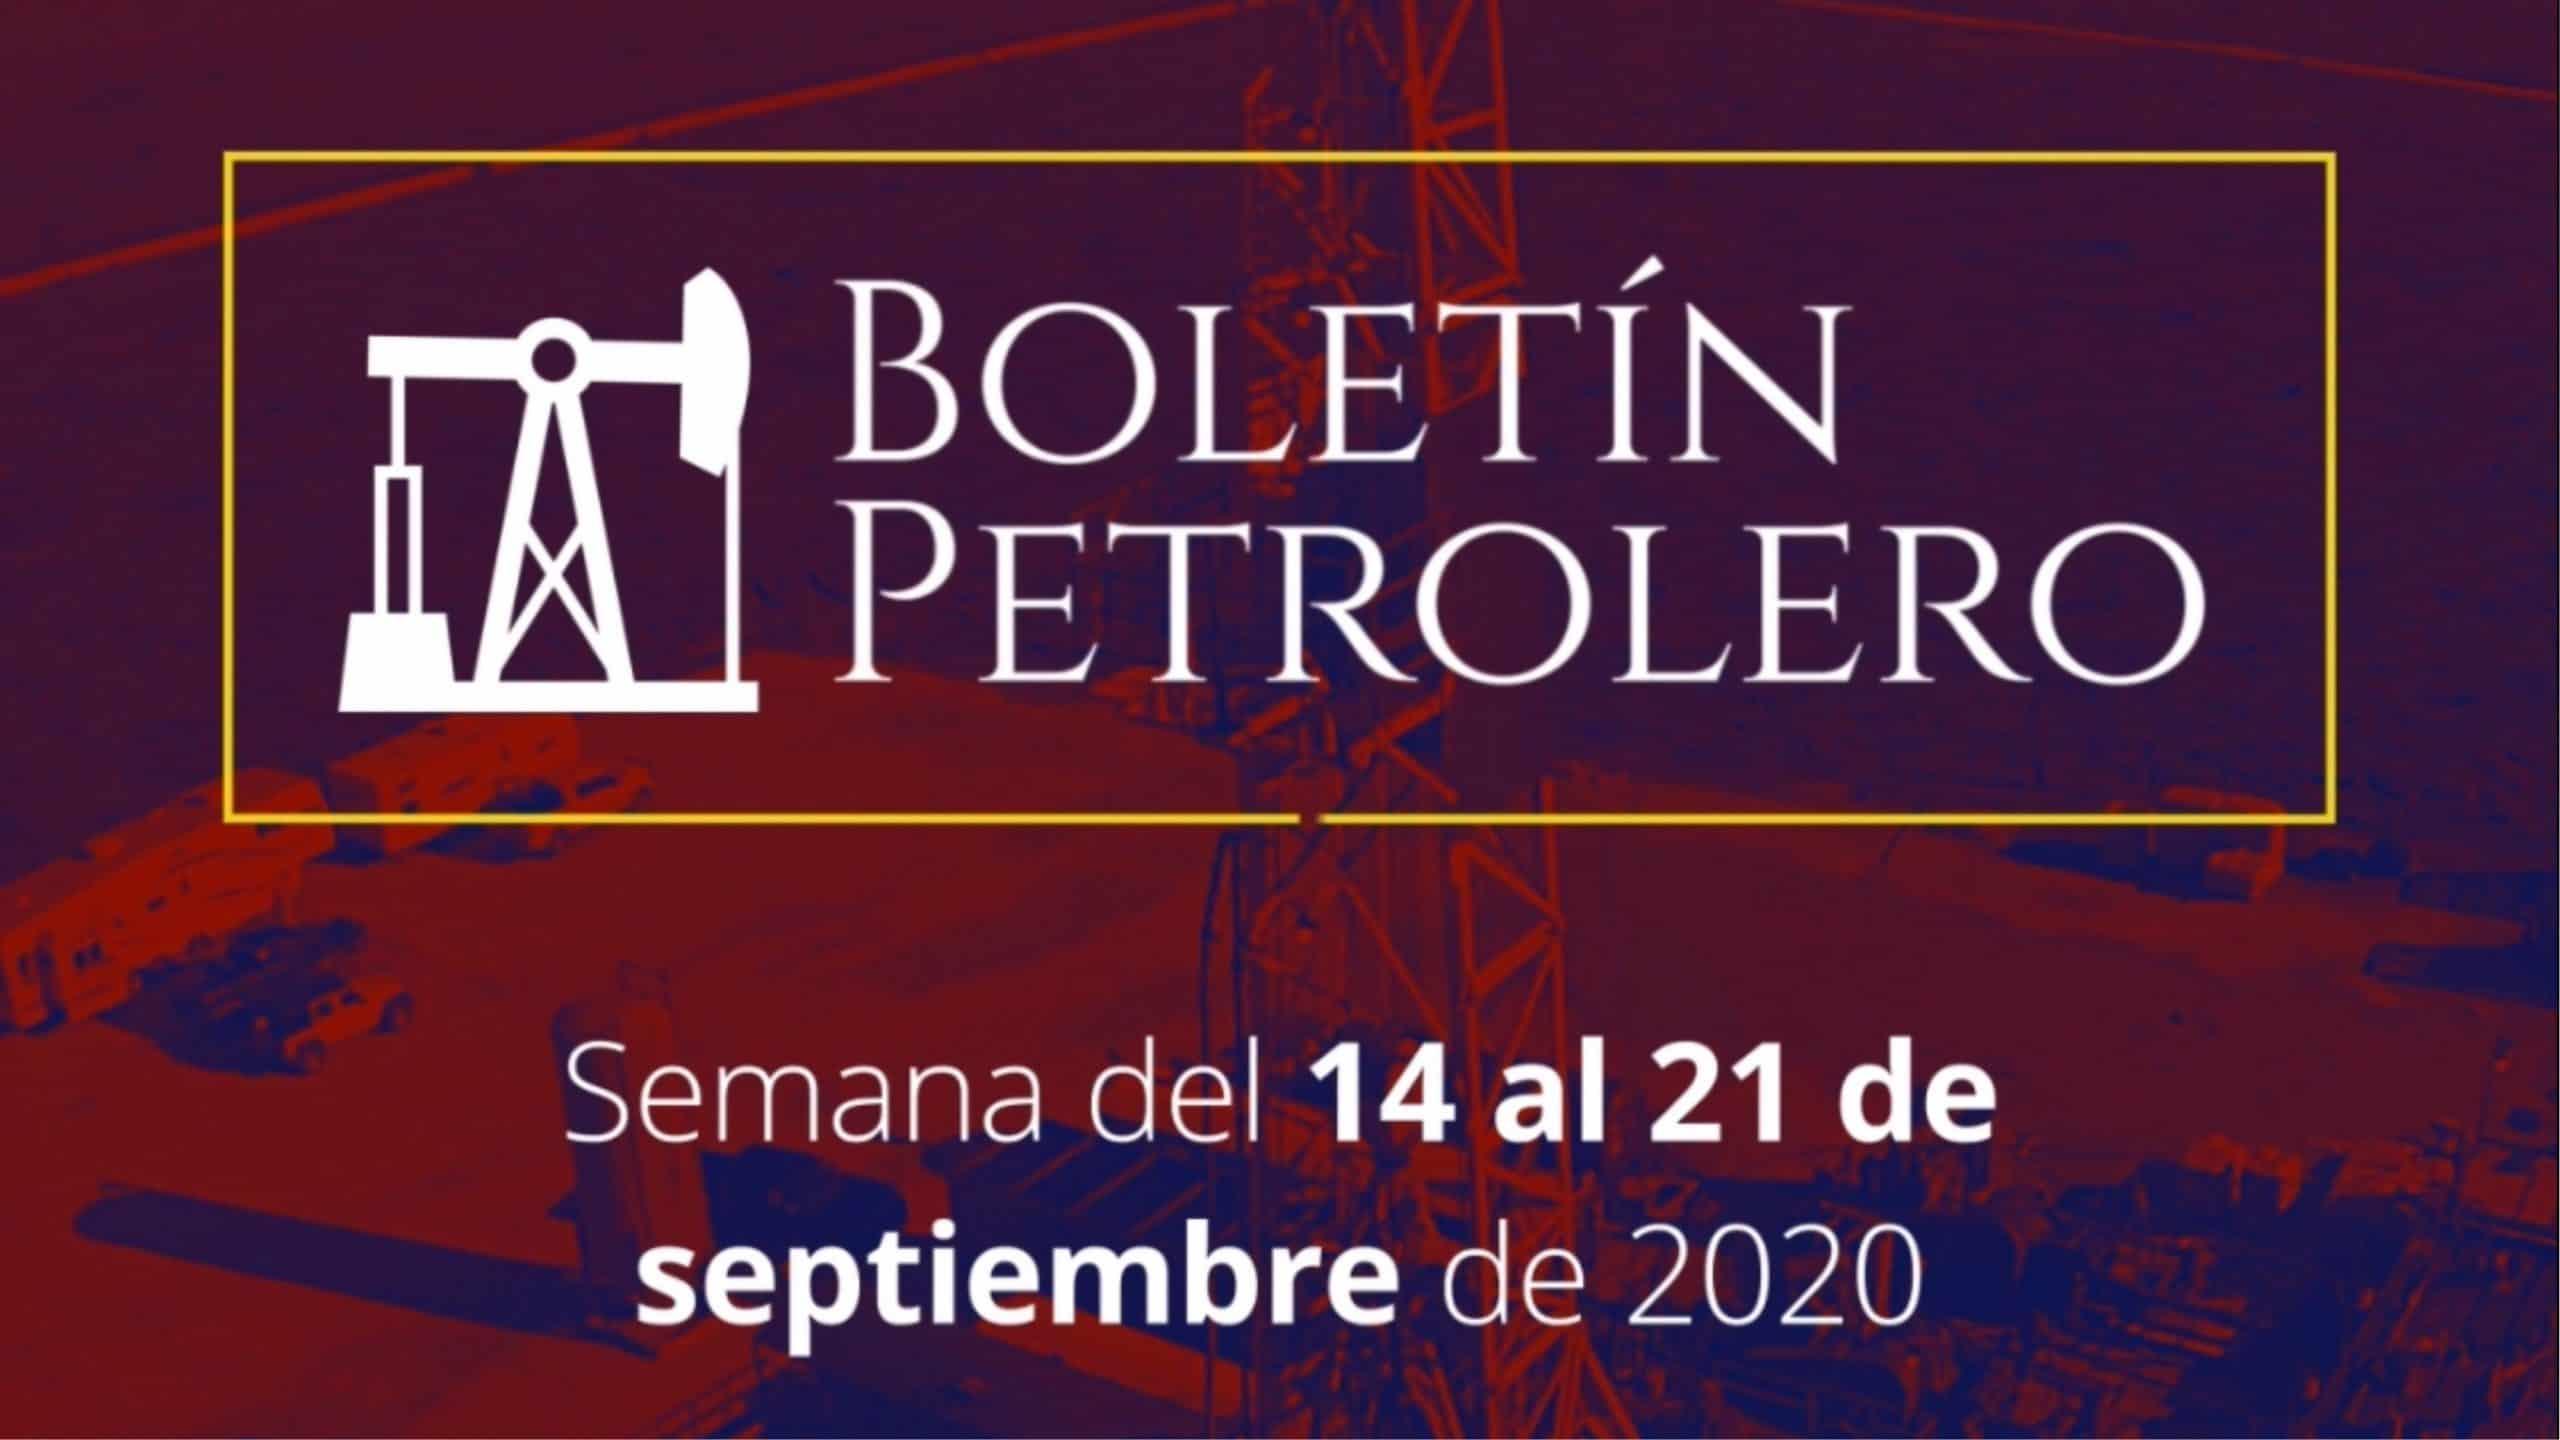 Video Boletin del 14 al 21 septiembre 2020